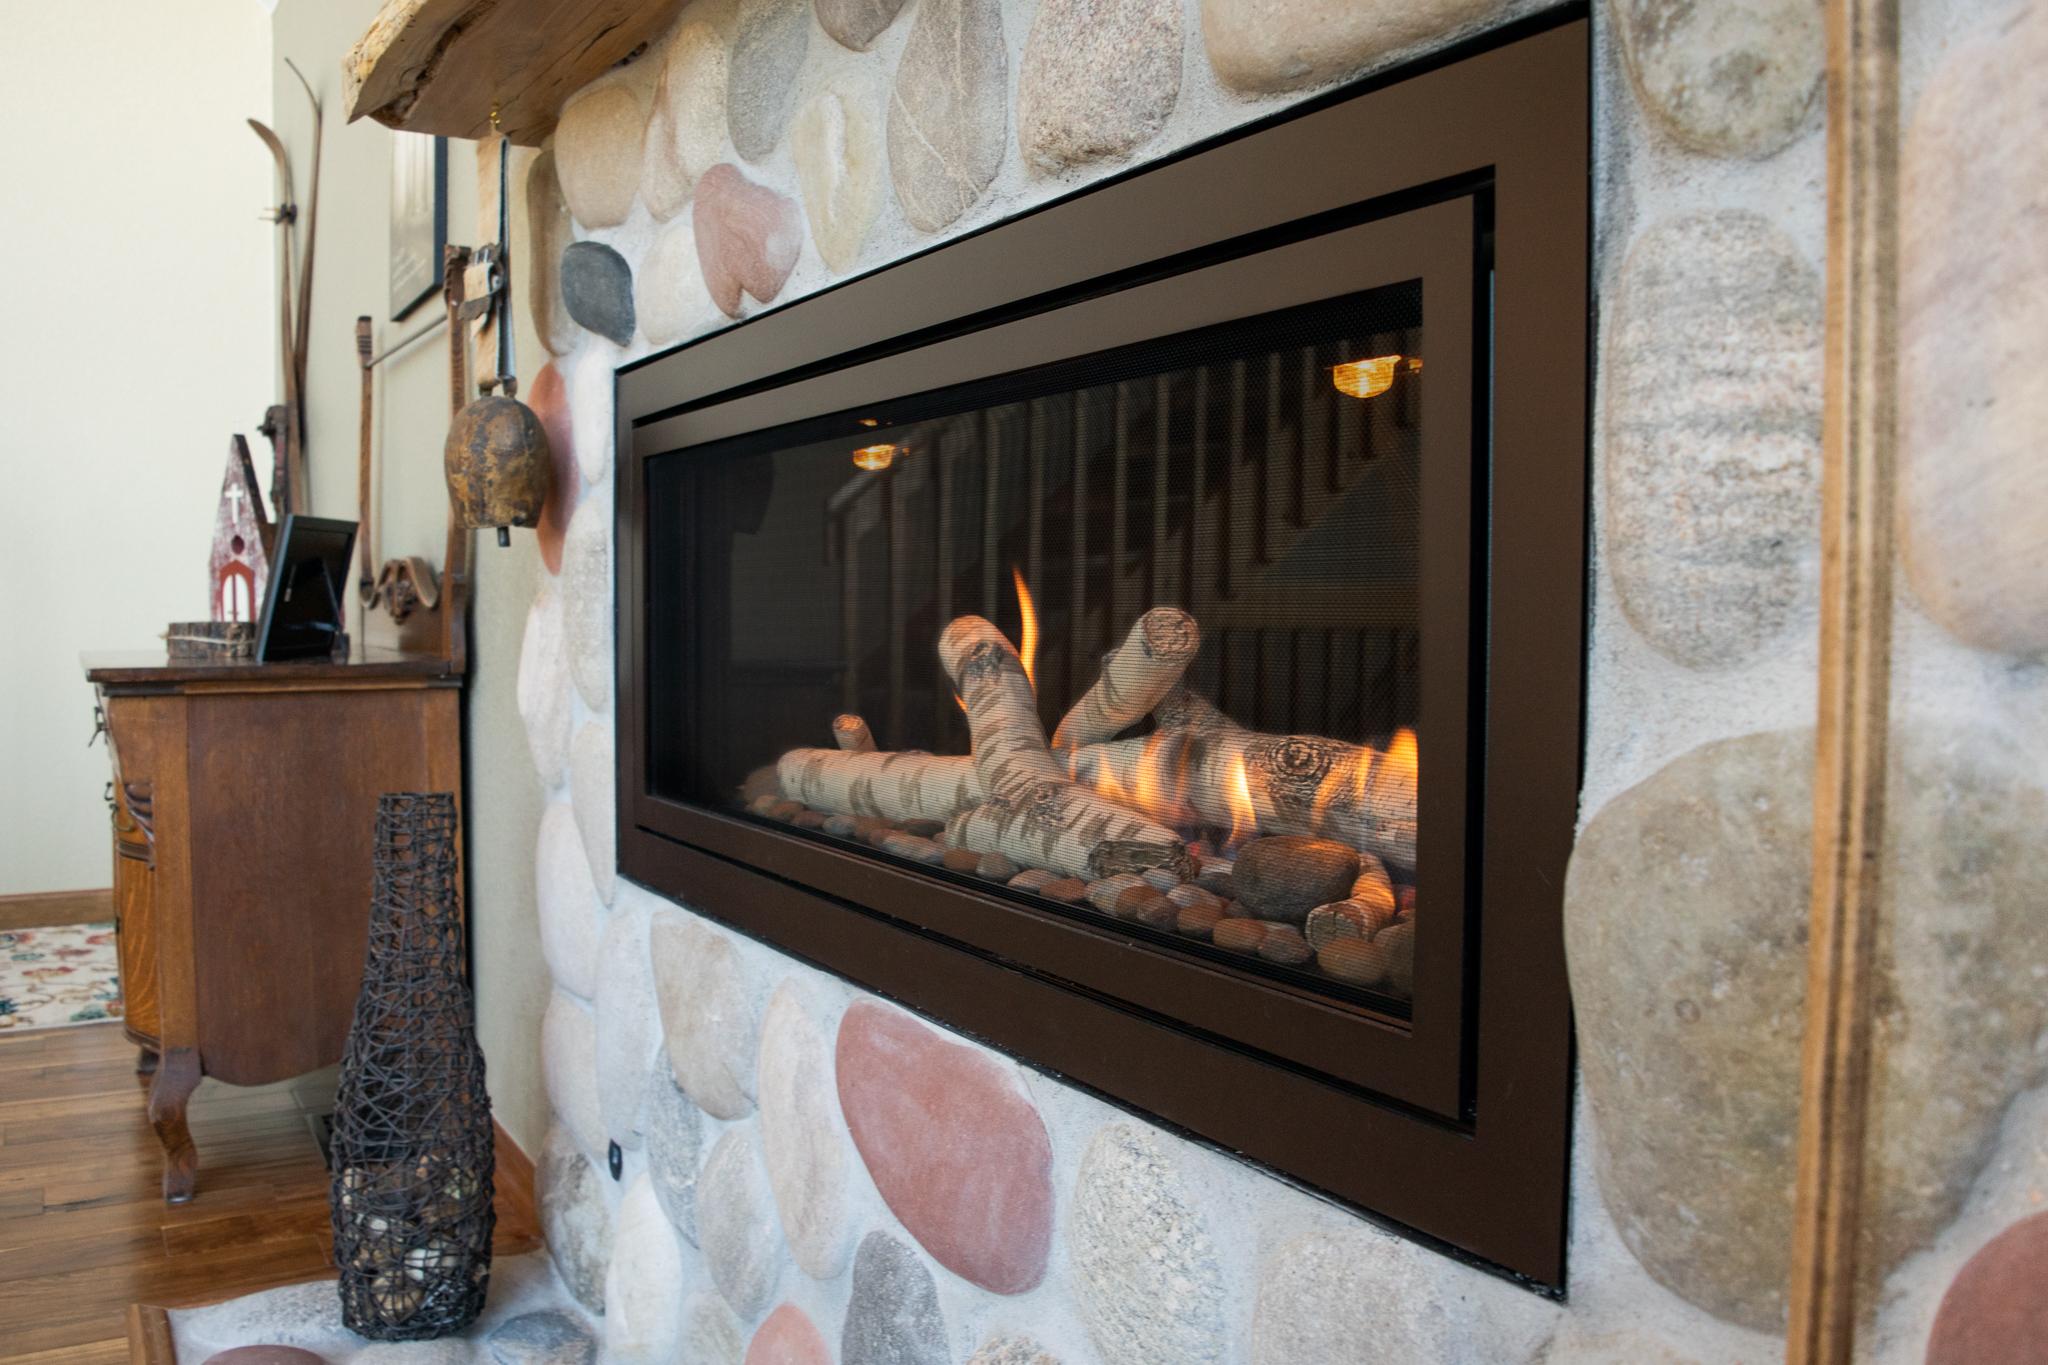 Mendota ML47 Gas Fireplace